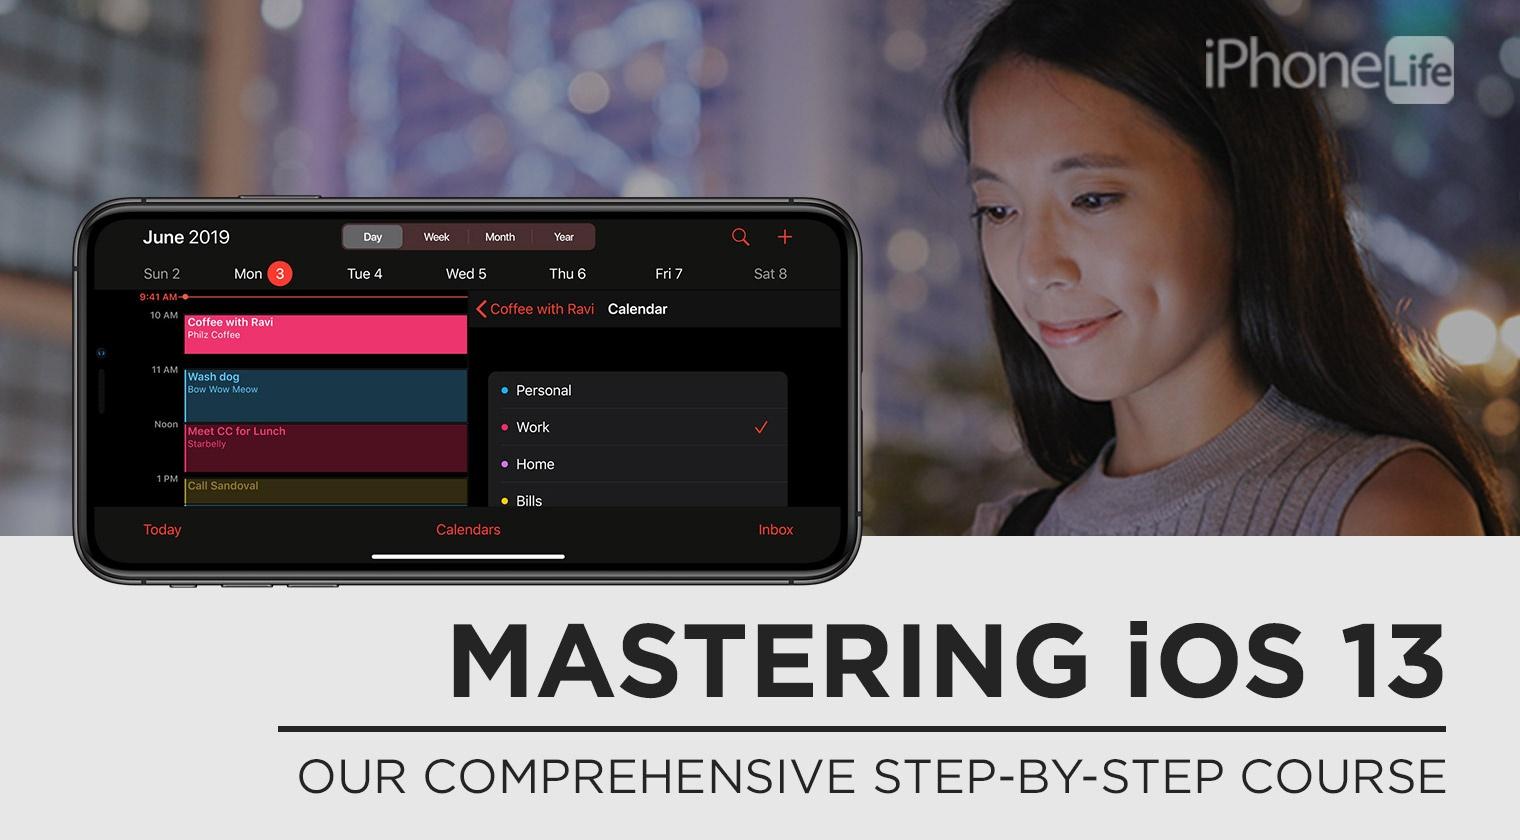 Mastering iOS 13 - Premium Course